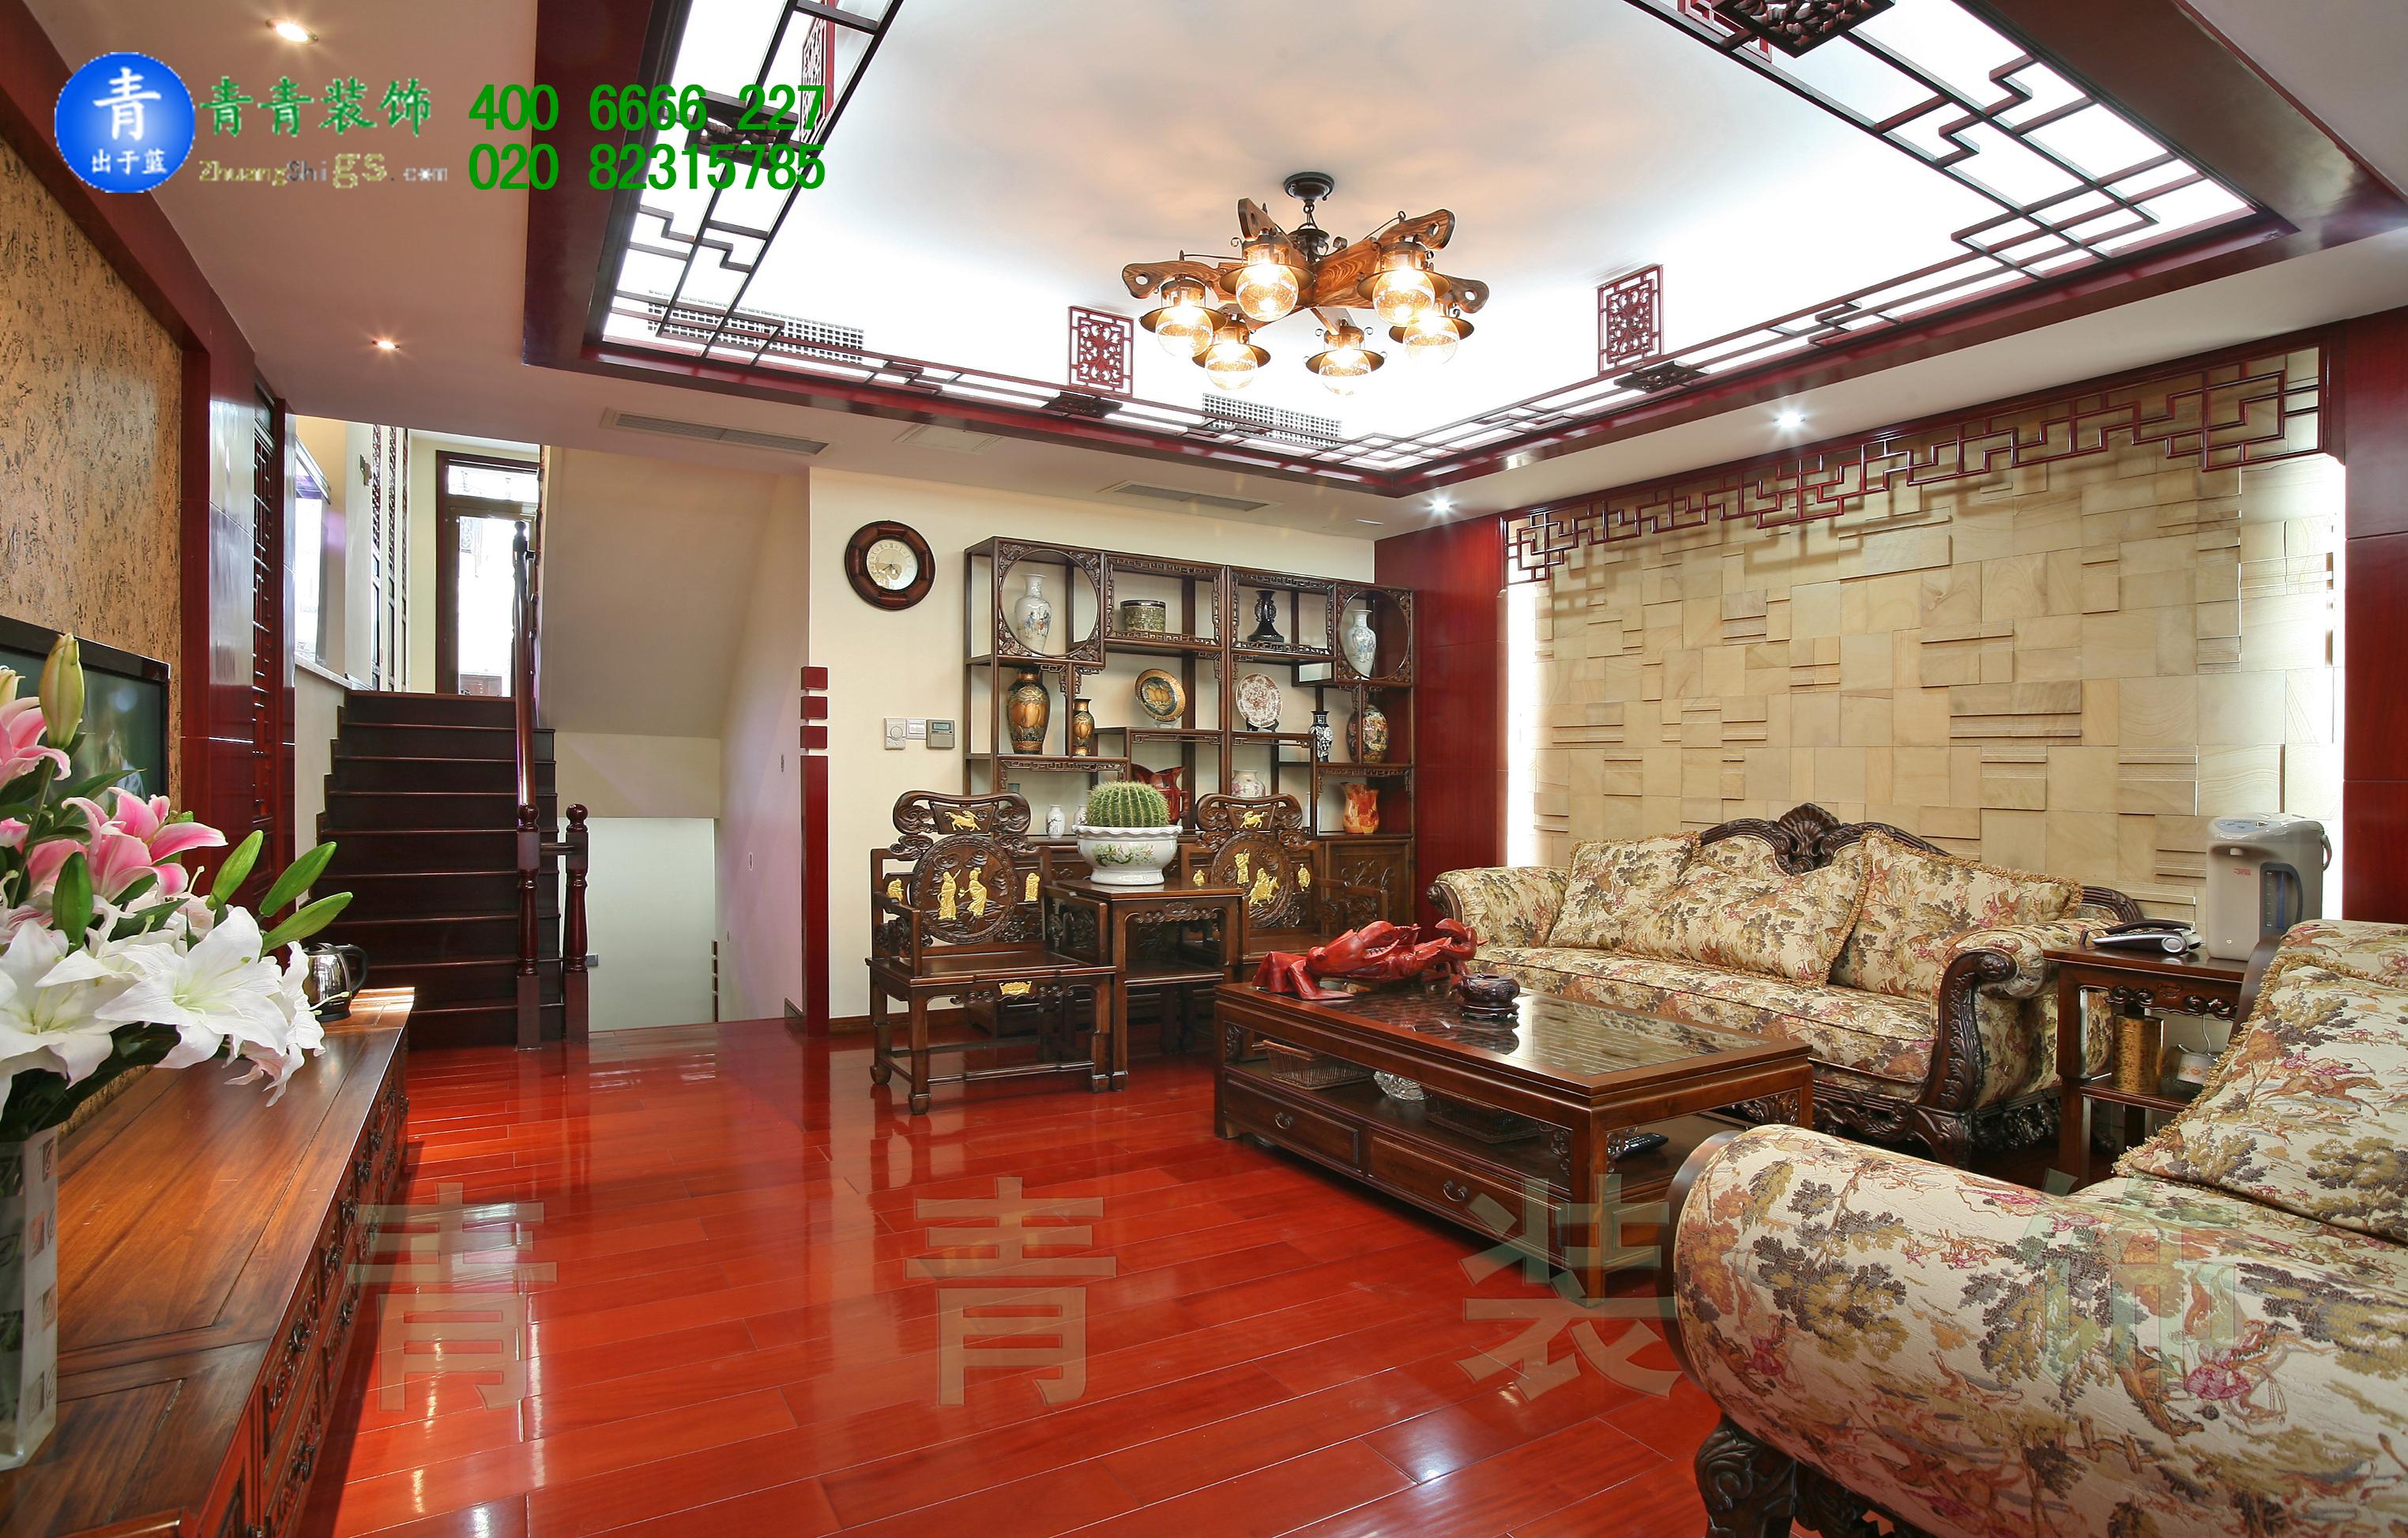 新中式别墅manbetx手机登录设计风格还可以这样来表达